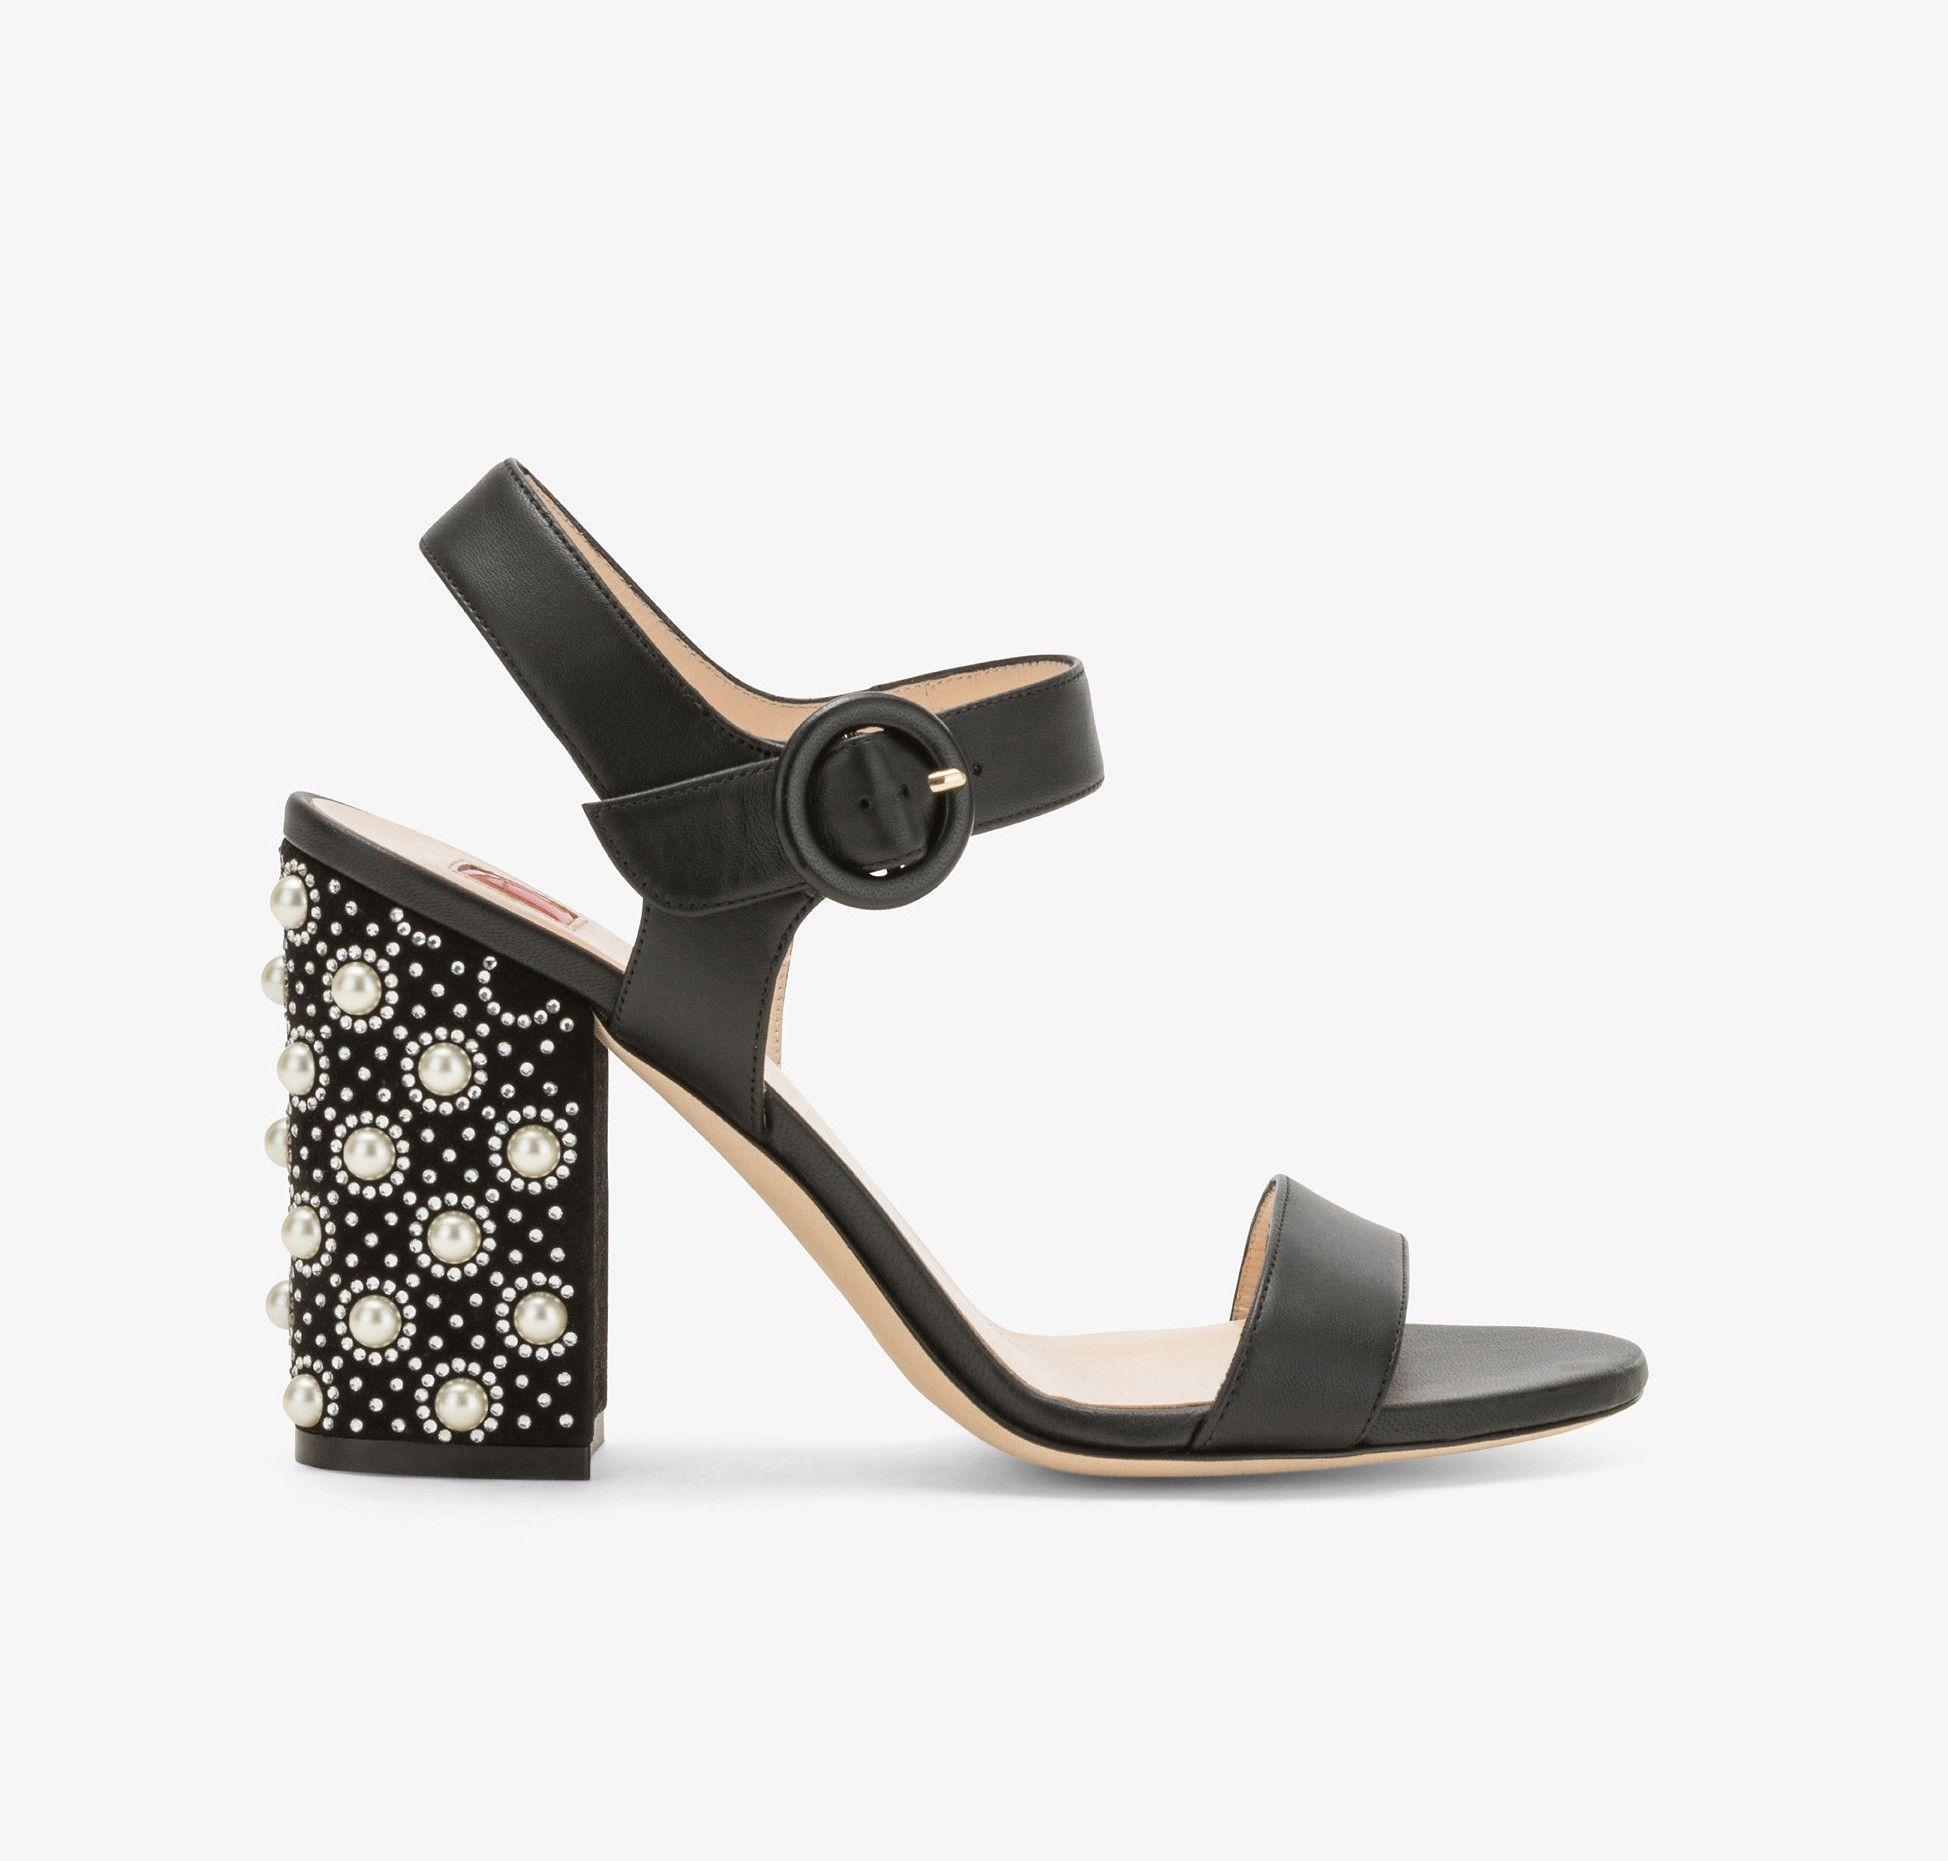 I 10 sandali gioiello con tacco più eleganti dell'estate 2018